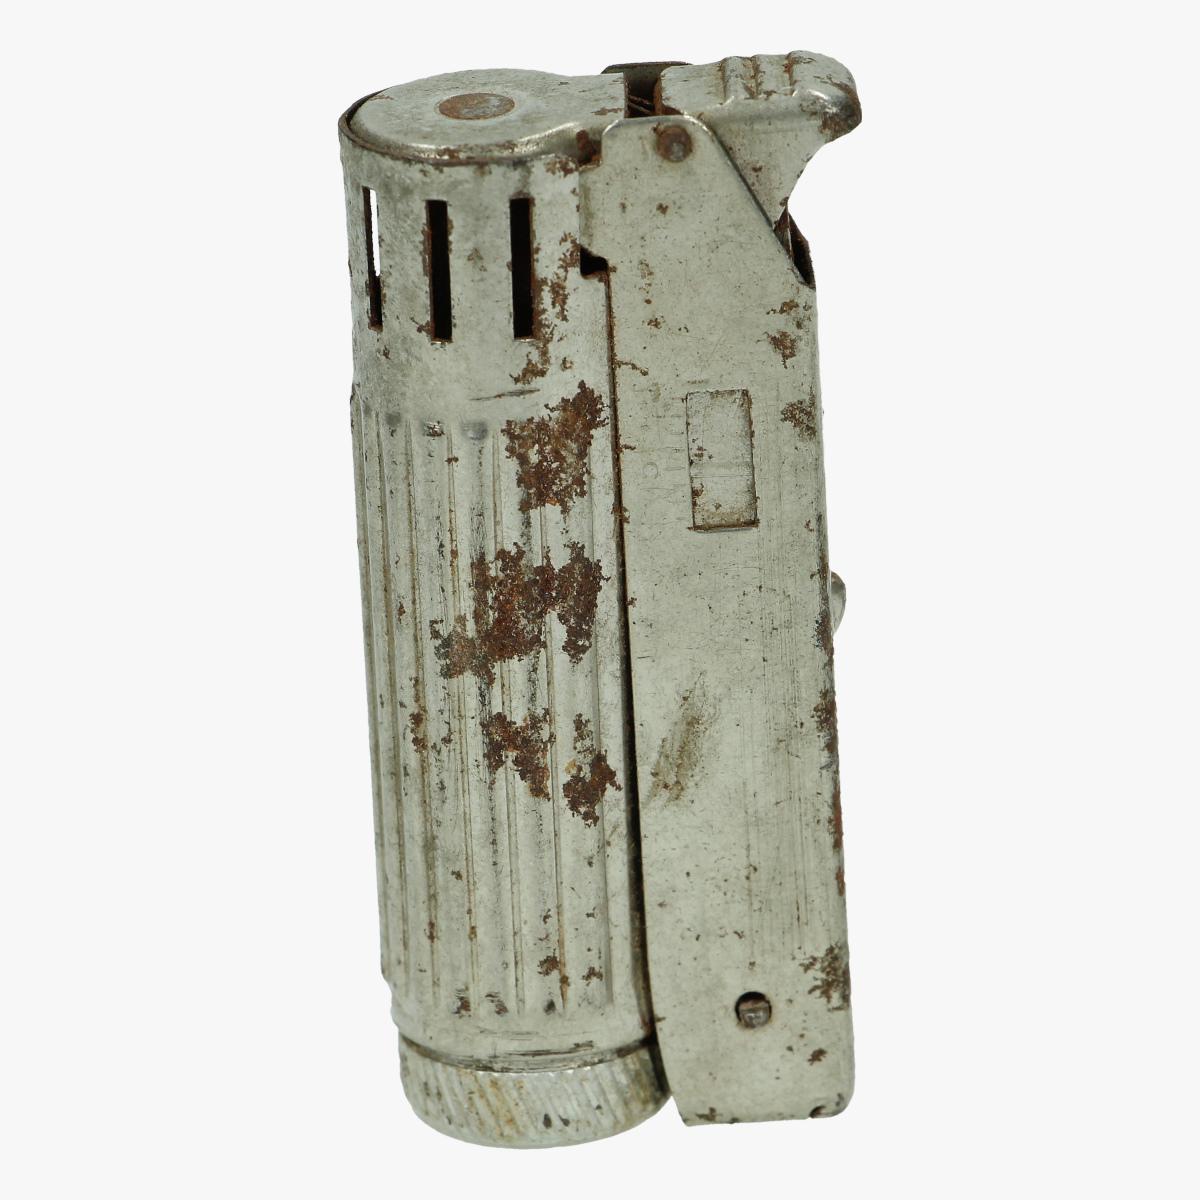 Afbeeldingen van oude aansteker made in austria